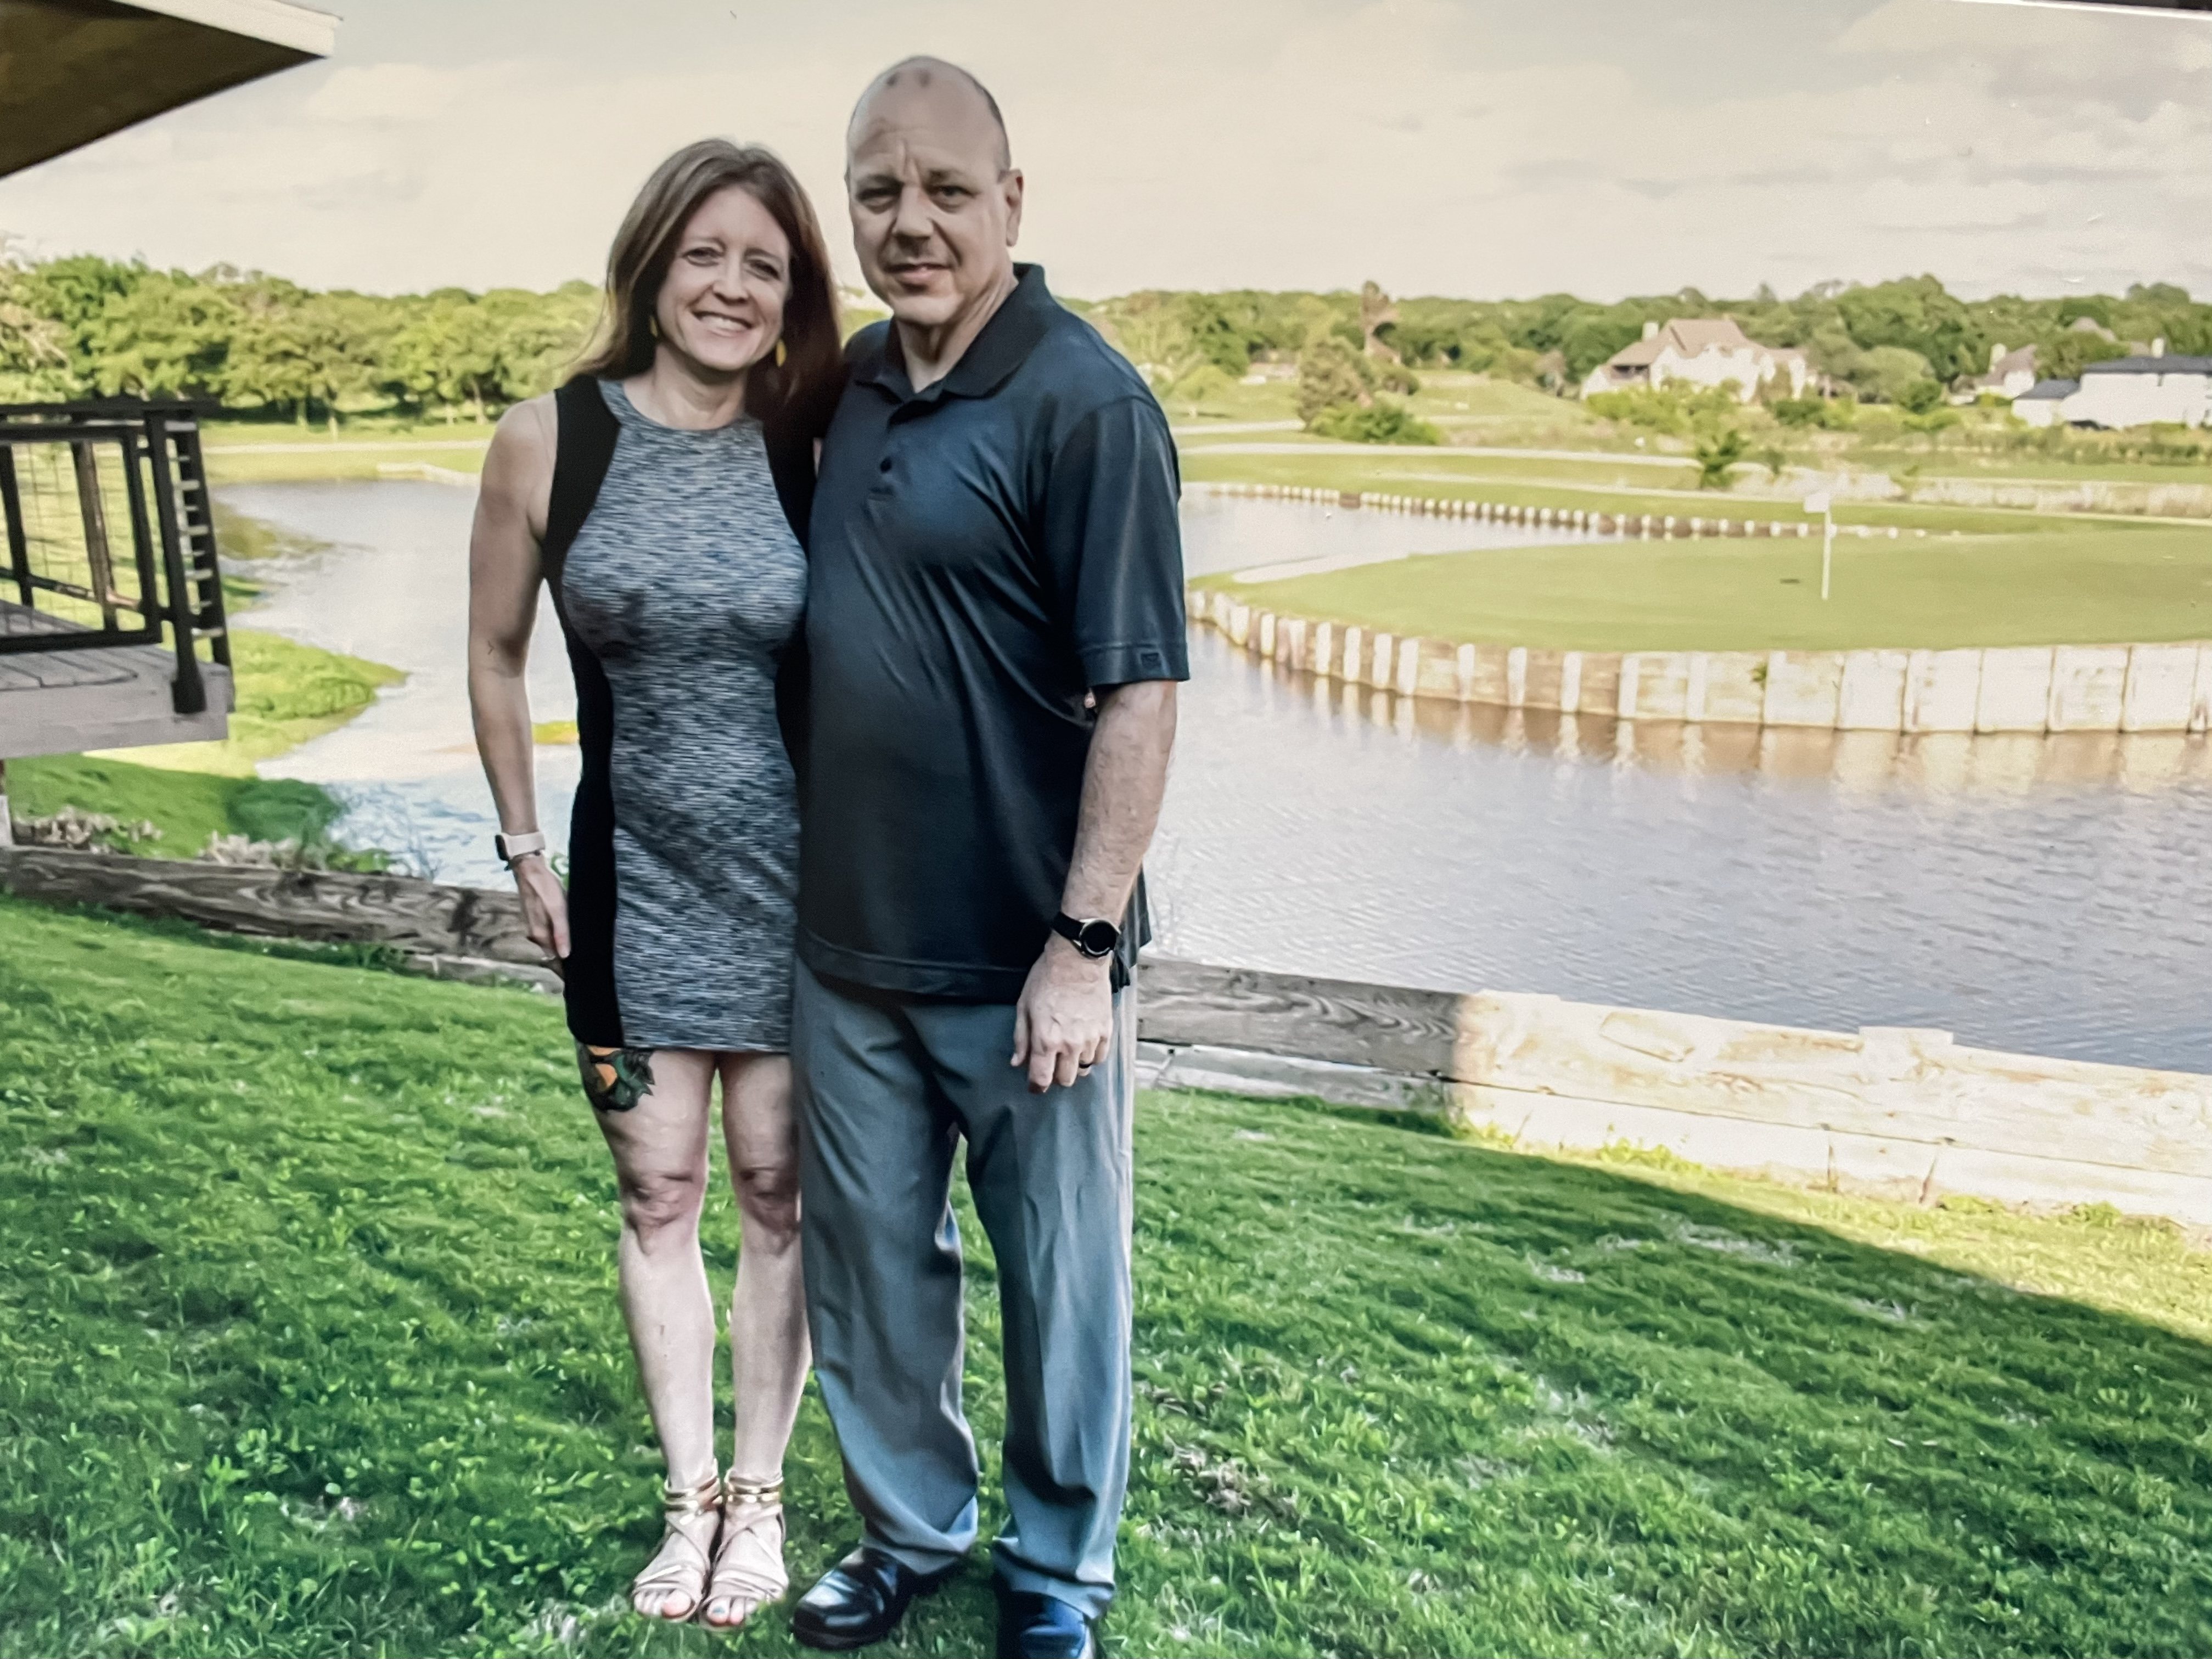 Shingledecker and her husband, Roger